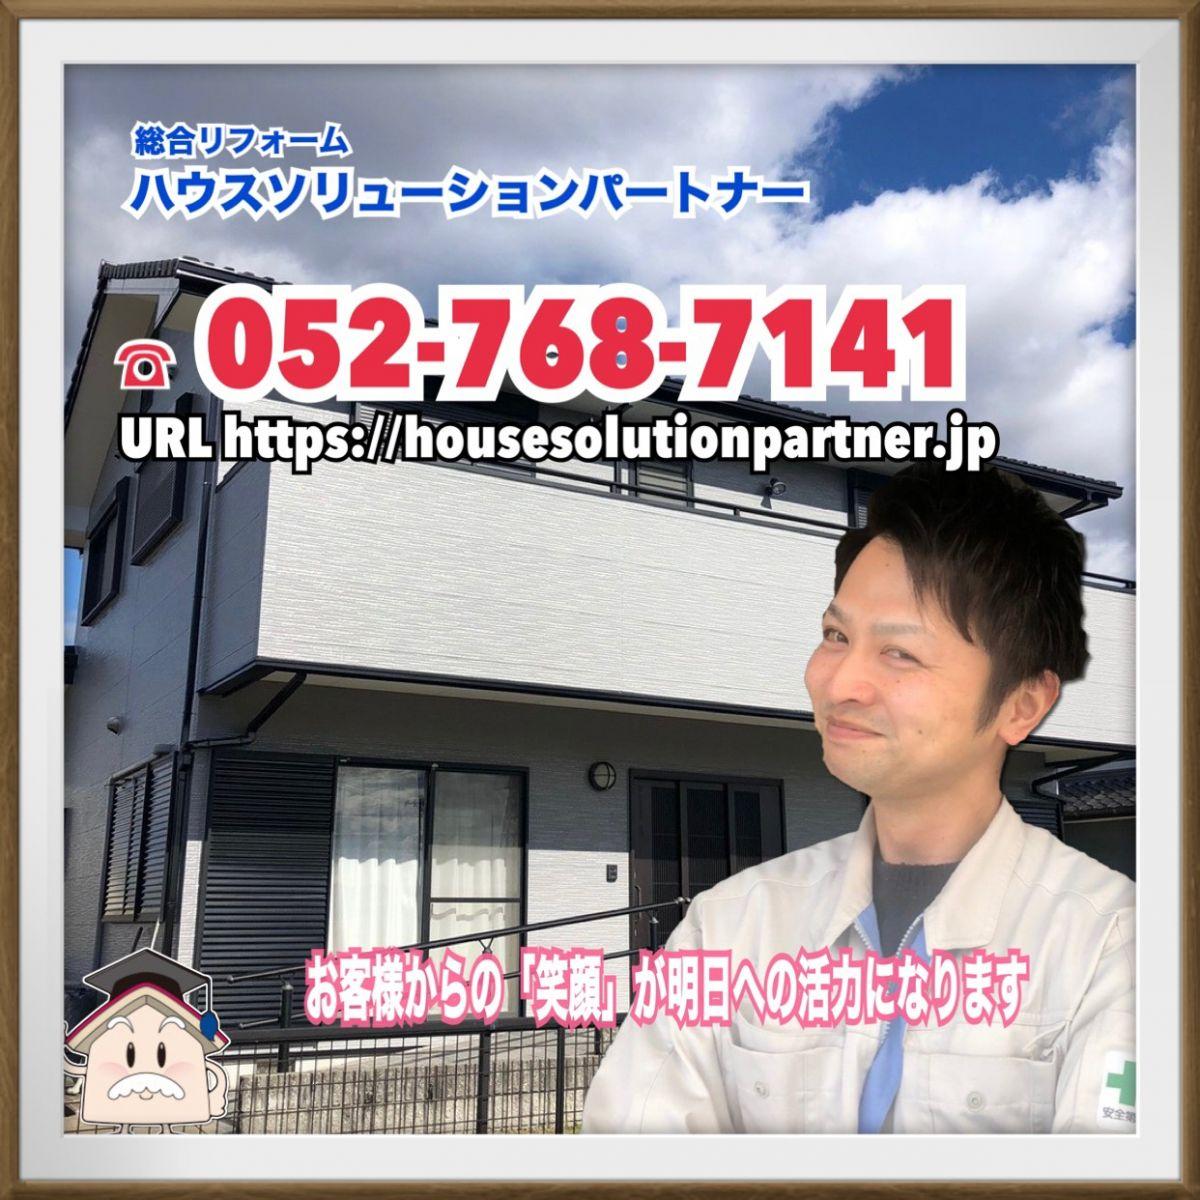 jirei_image53564